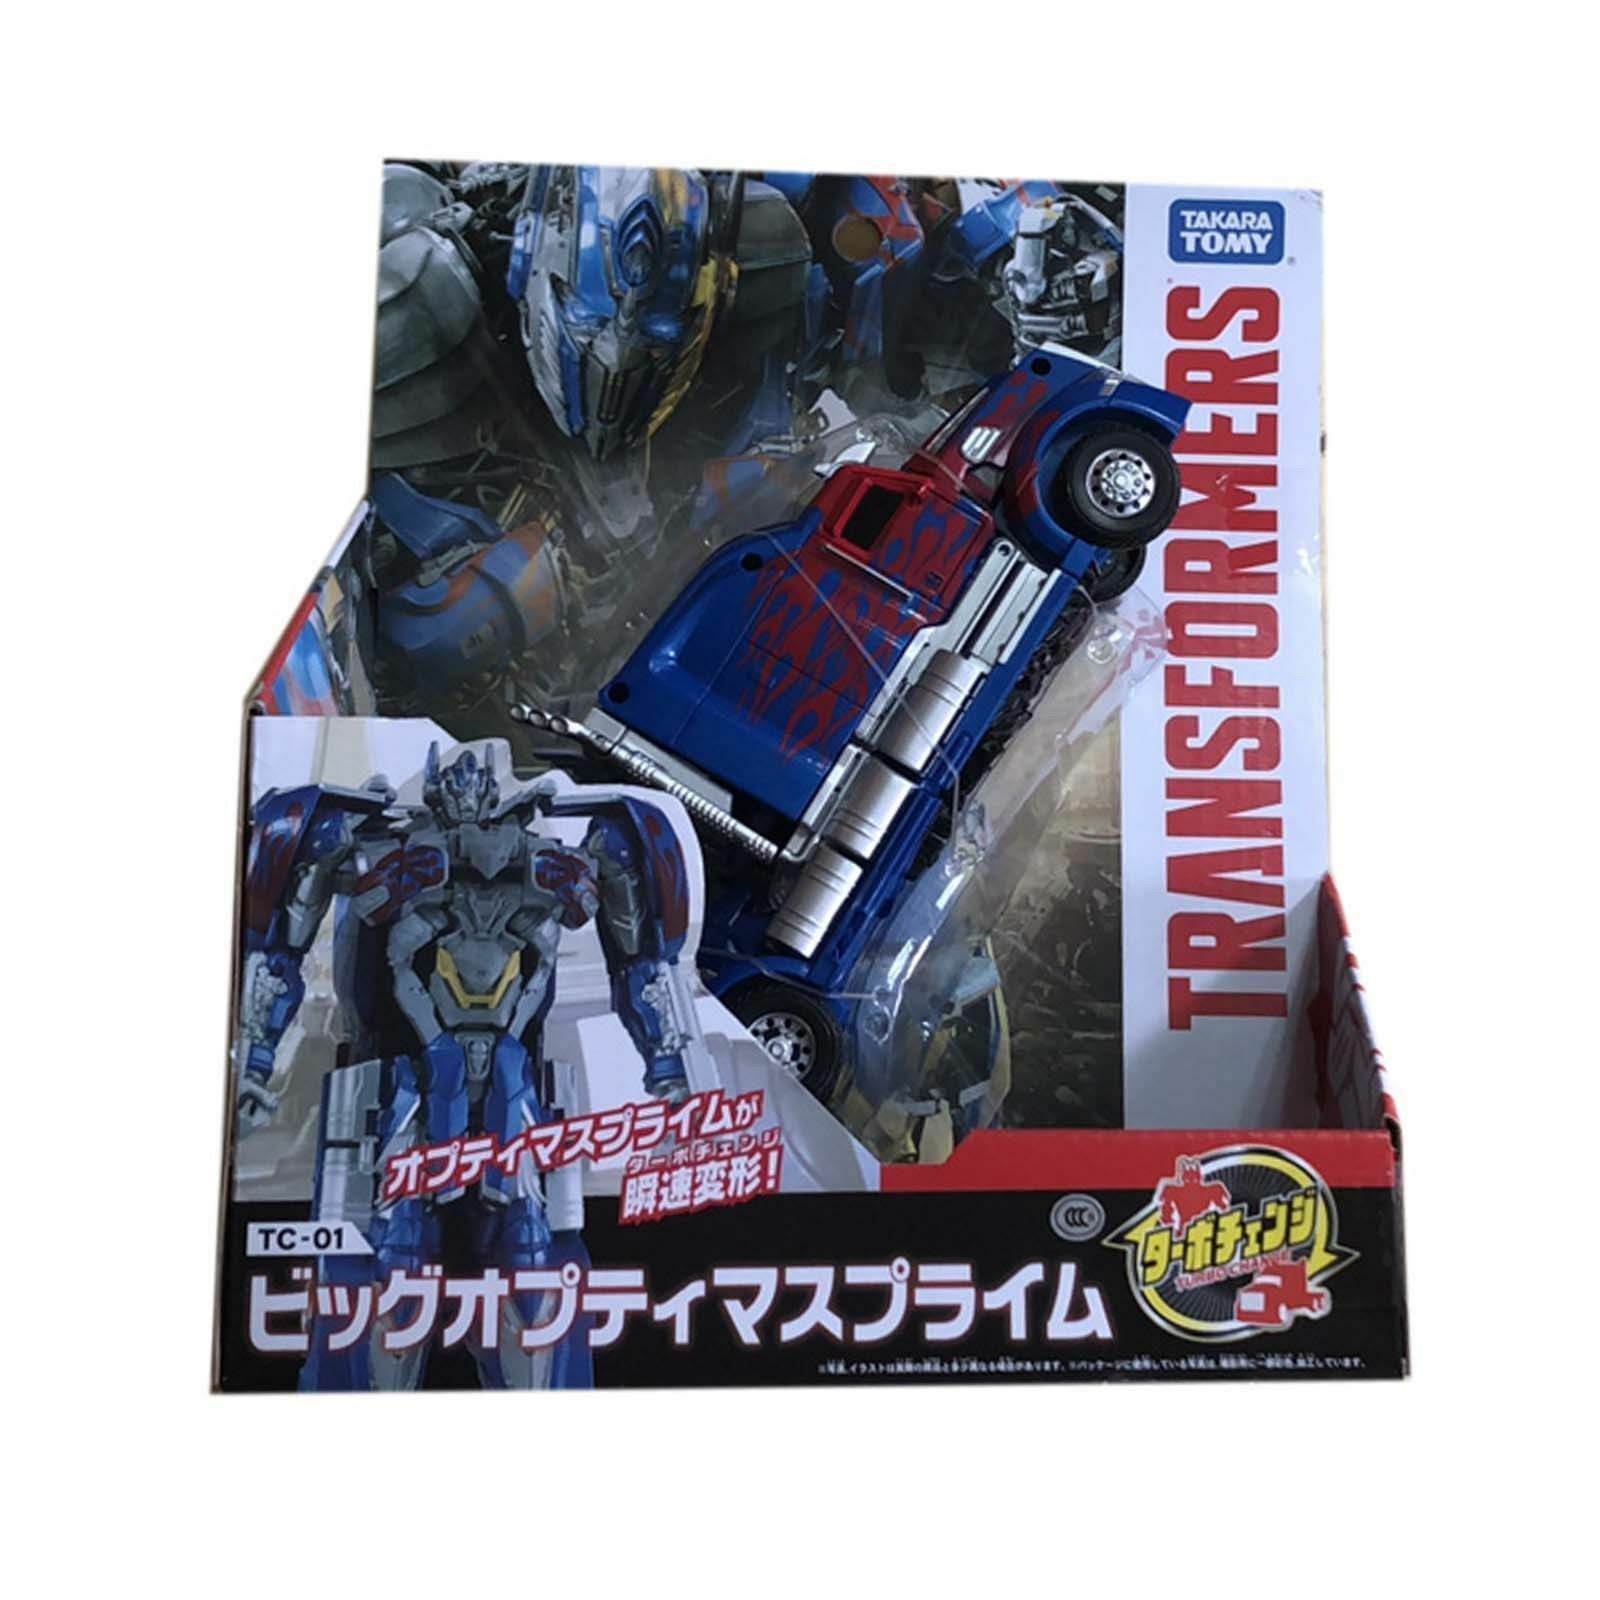 Transformers Turbo Change TC-01 OPTIMUS PRIME TC-02 BUMBLEBEE TC-03 MEGATRON